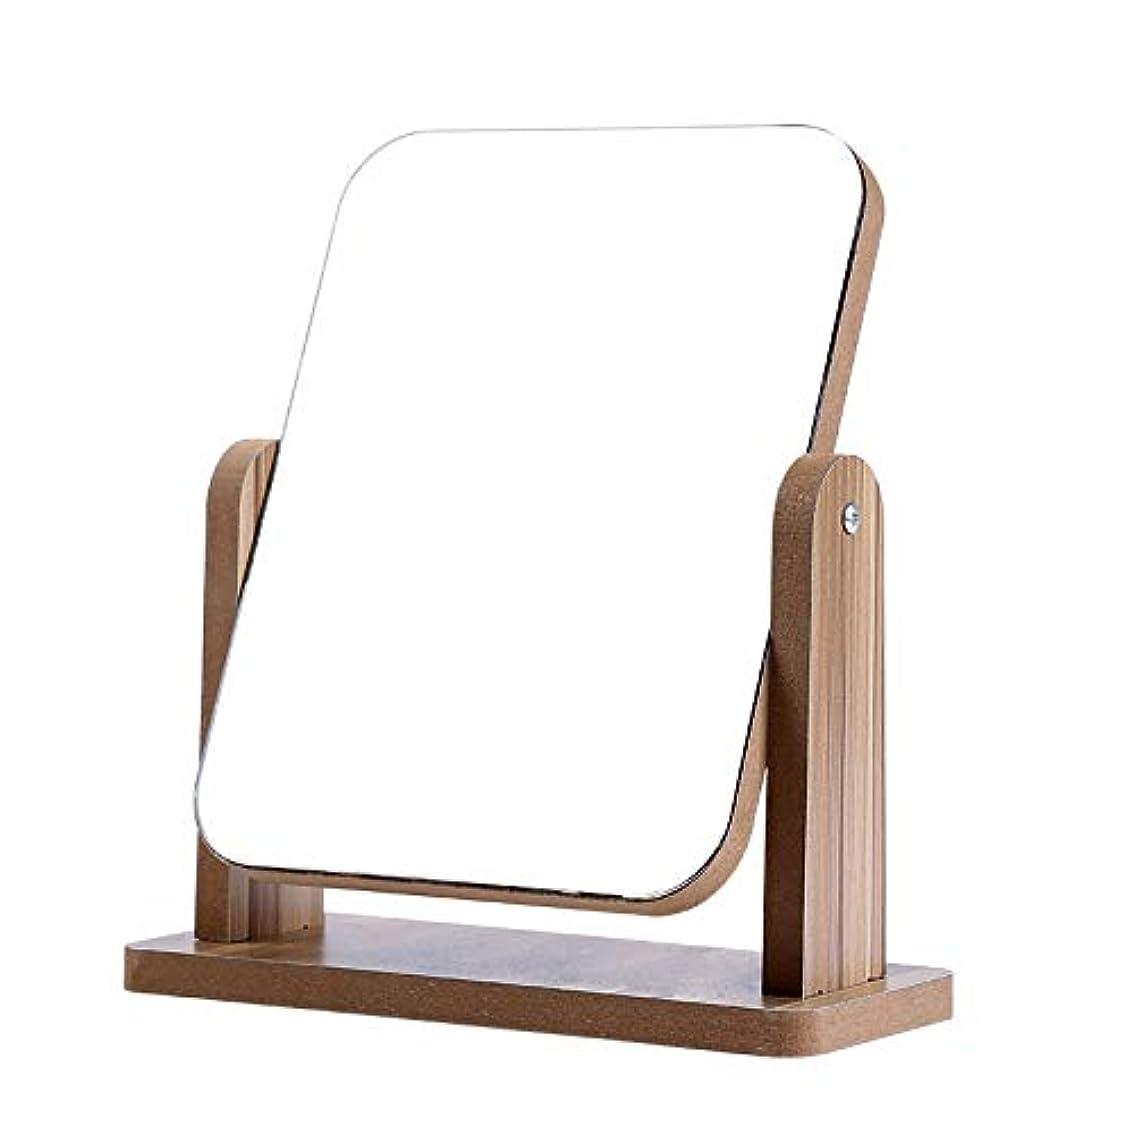 荒涼とした資産脊椎Anyasun 卓上ミラー 化粧ミラー メイクミラー 360度回転 スタンドミラー 化粧鏡 木目 (縦)